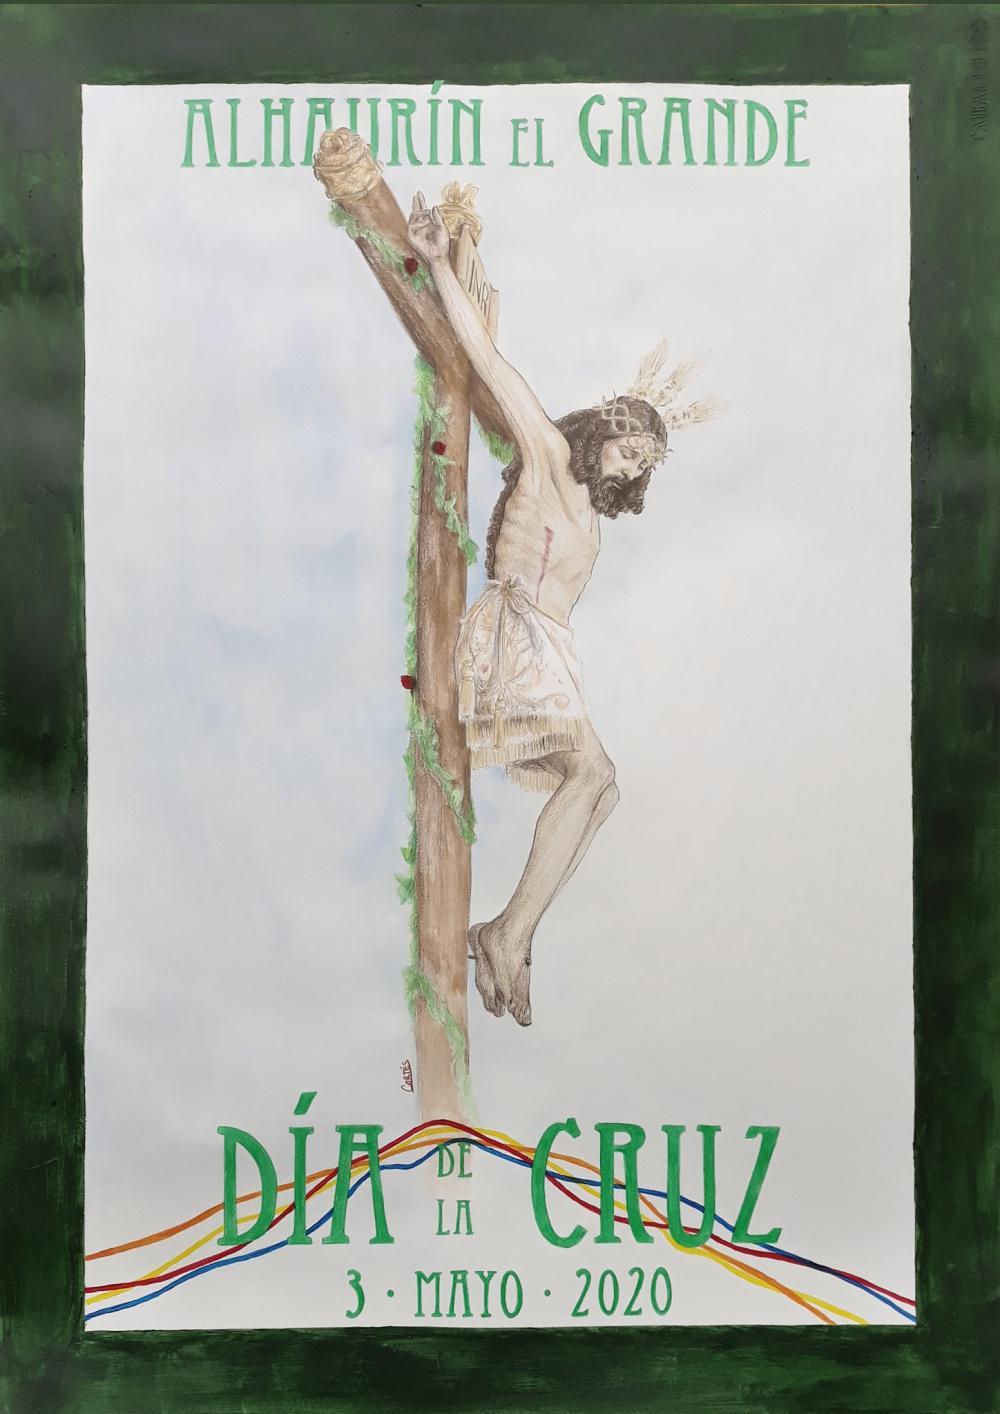 Programa del Día de la Cruz 2020